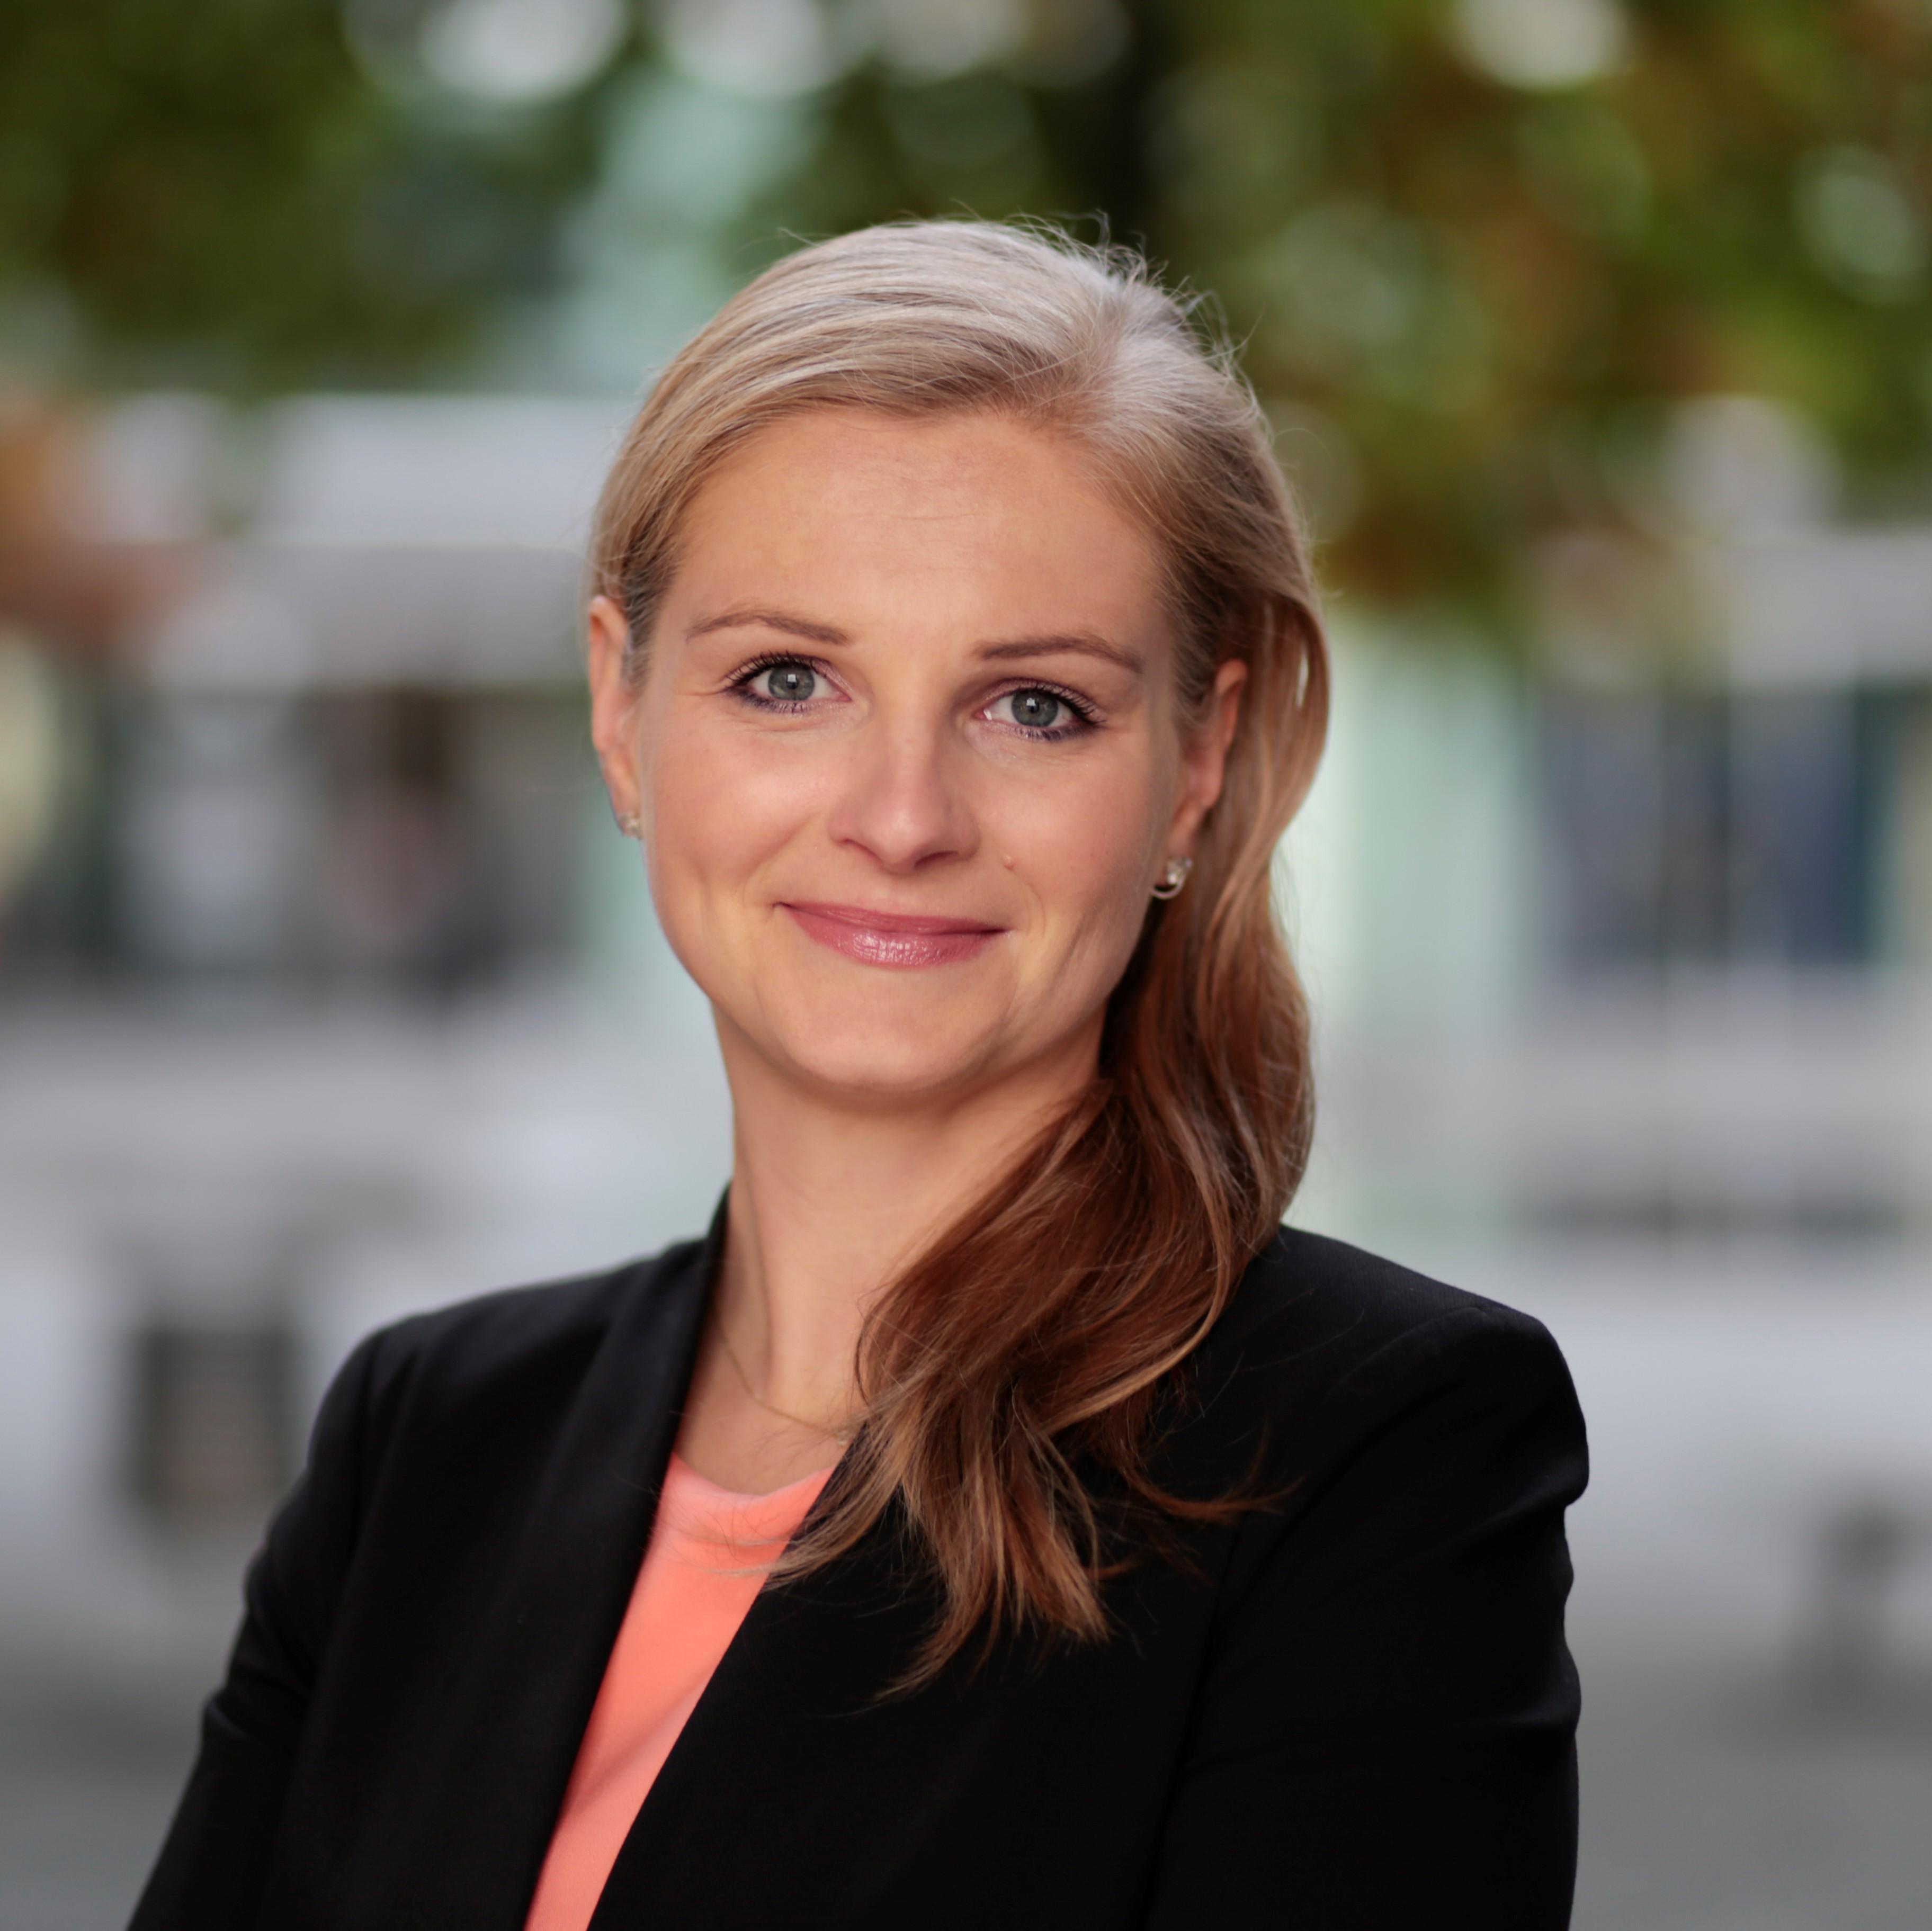 Agata Błaszkiewicz